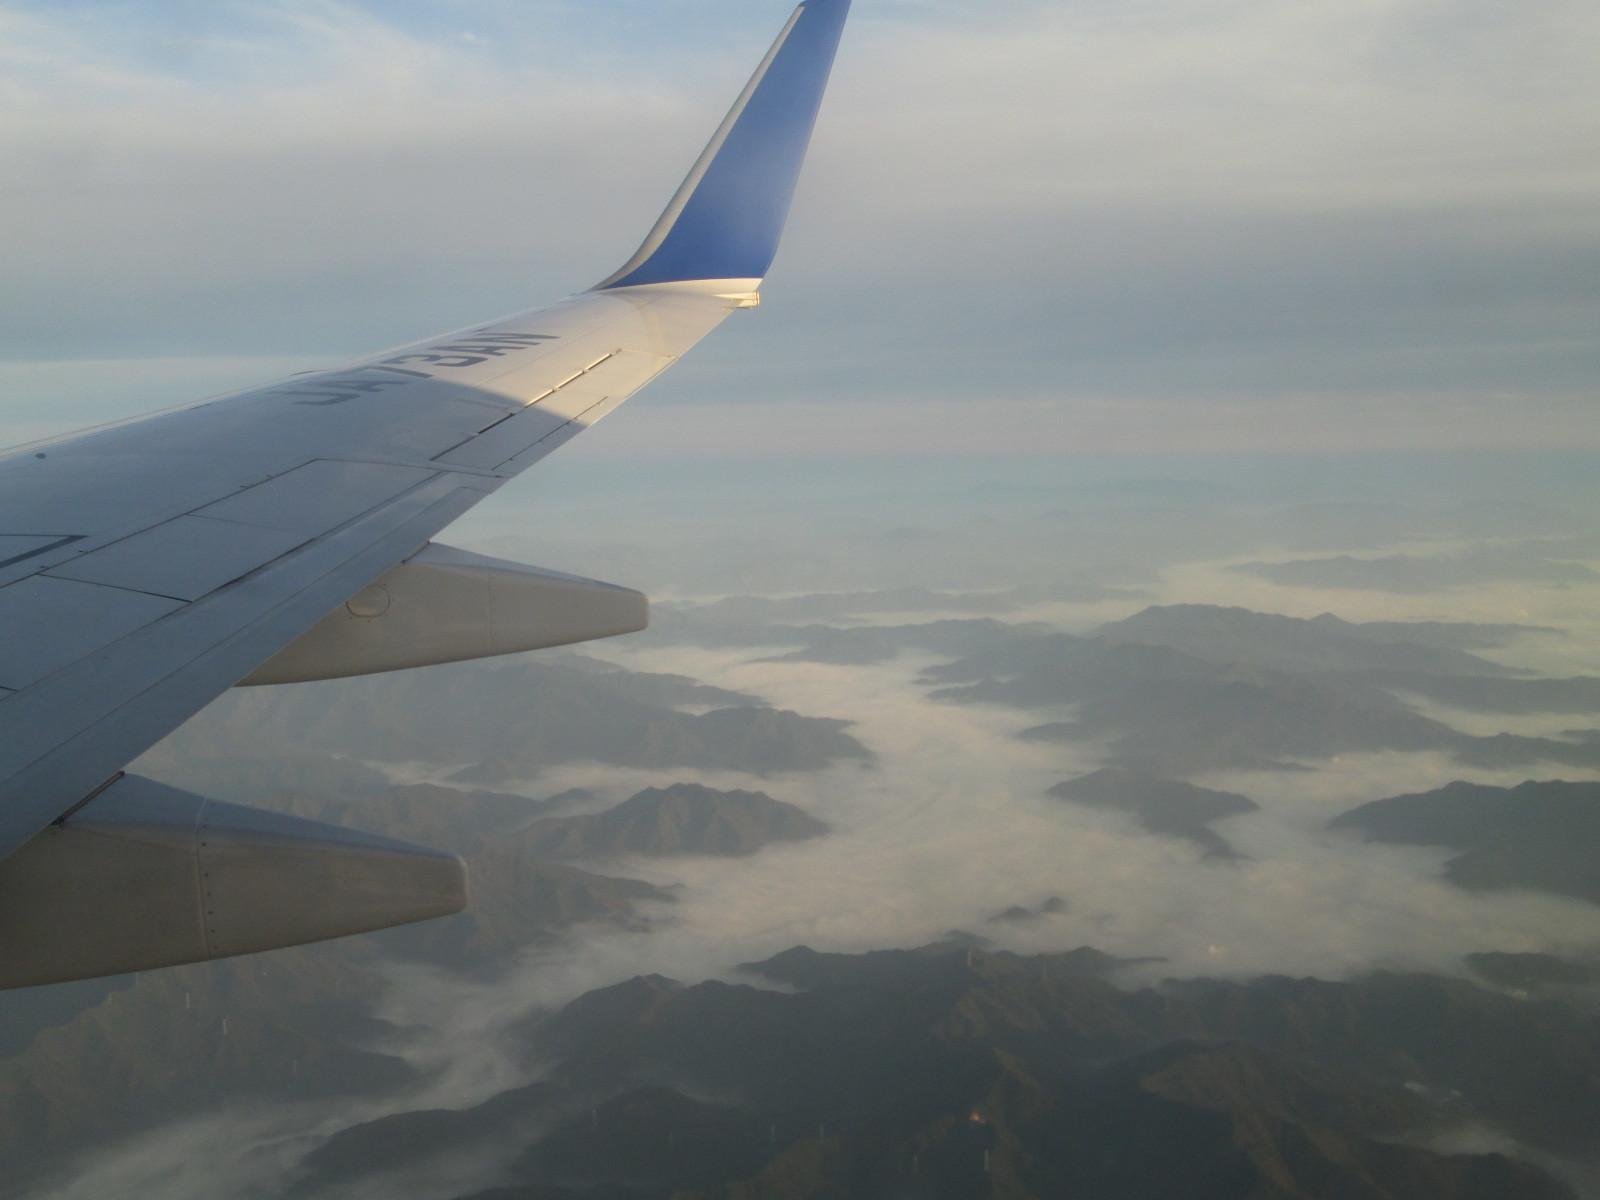 早朝、空からの眺め - 神戸旅行 その2 _a0057402_22535490.jpg